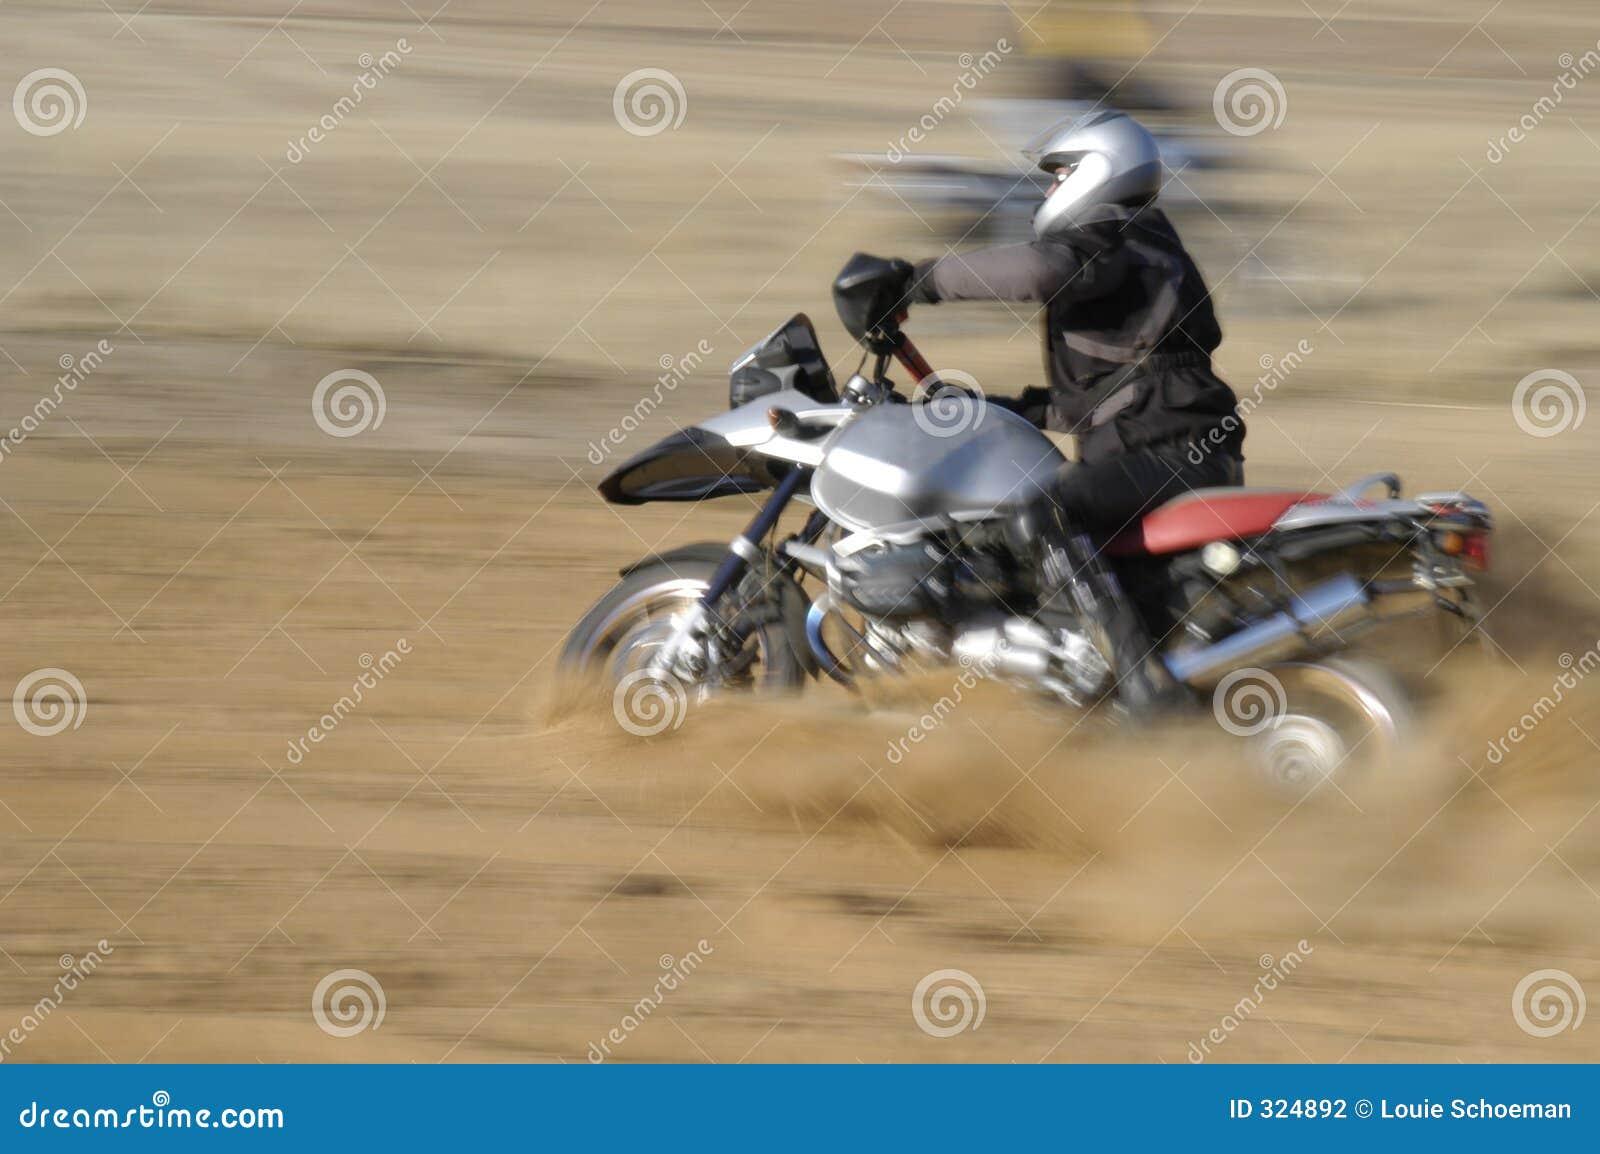 Motociclista Off-road - movimento blured